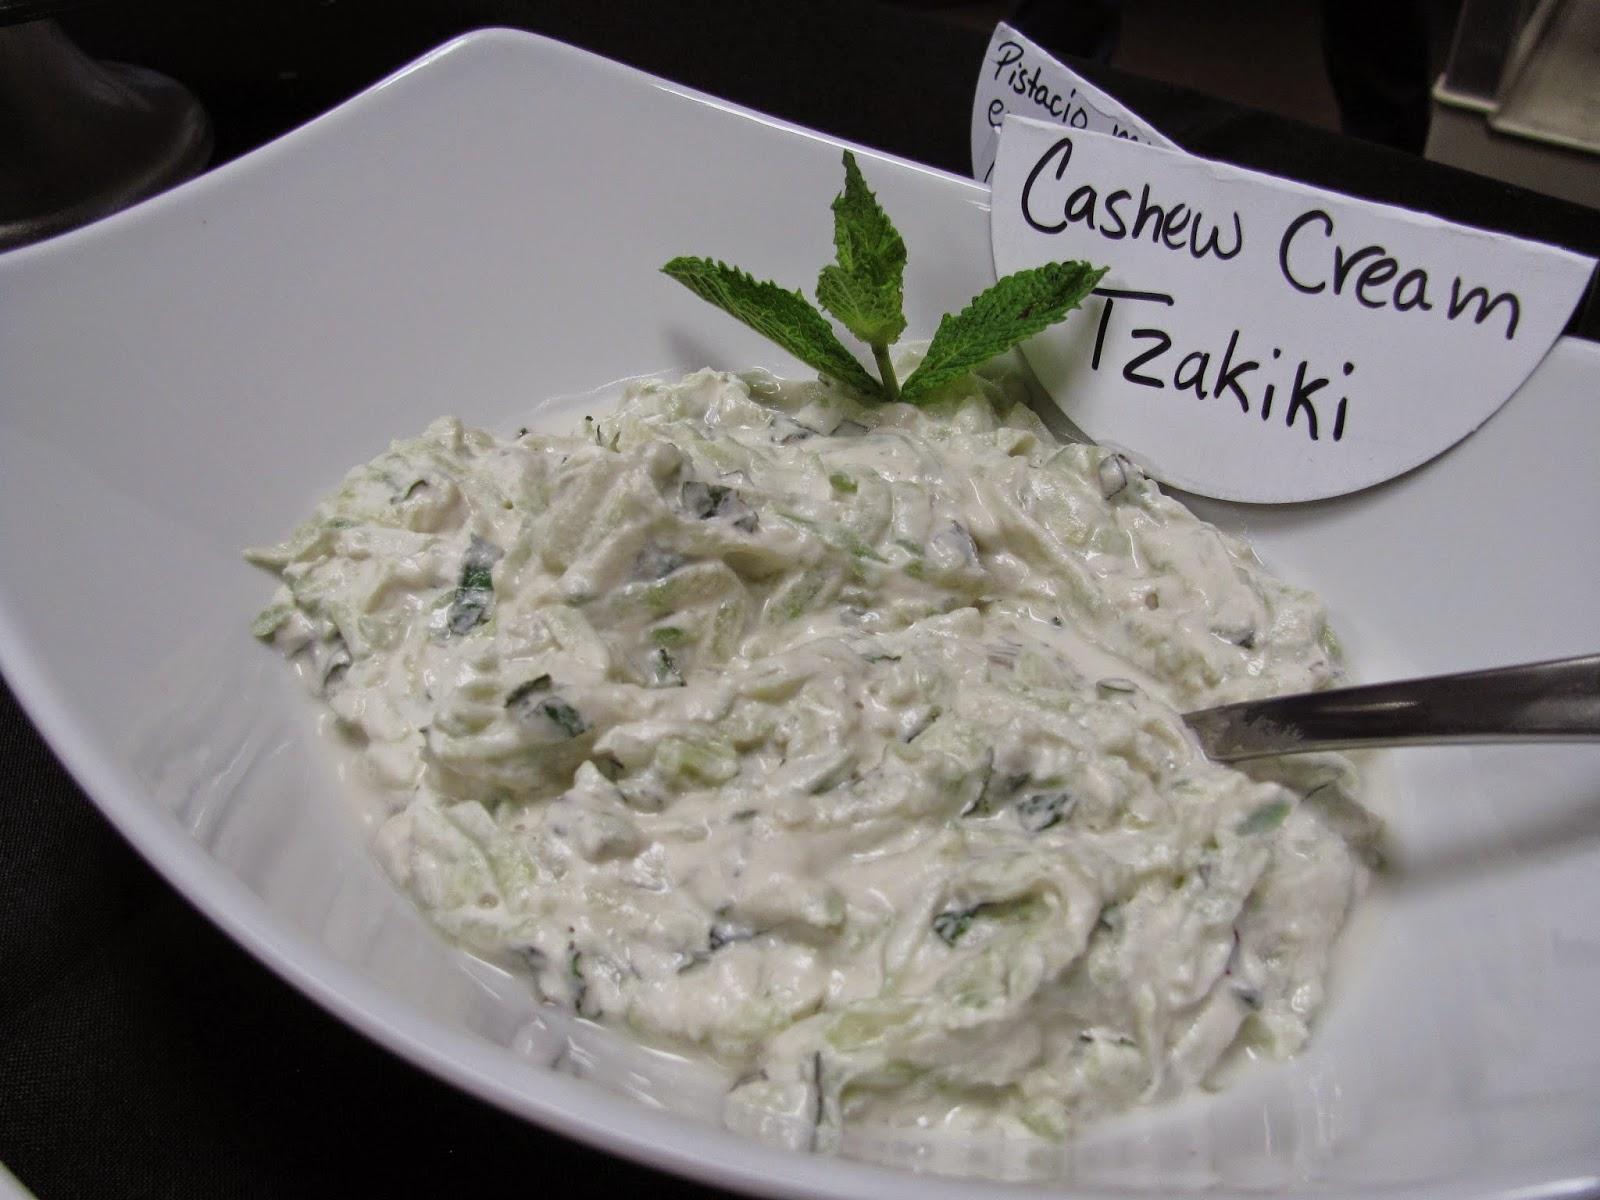 Cultured Cashew Cream Tzatziki | Vegan Tzatziki